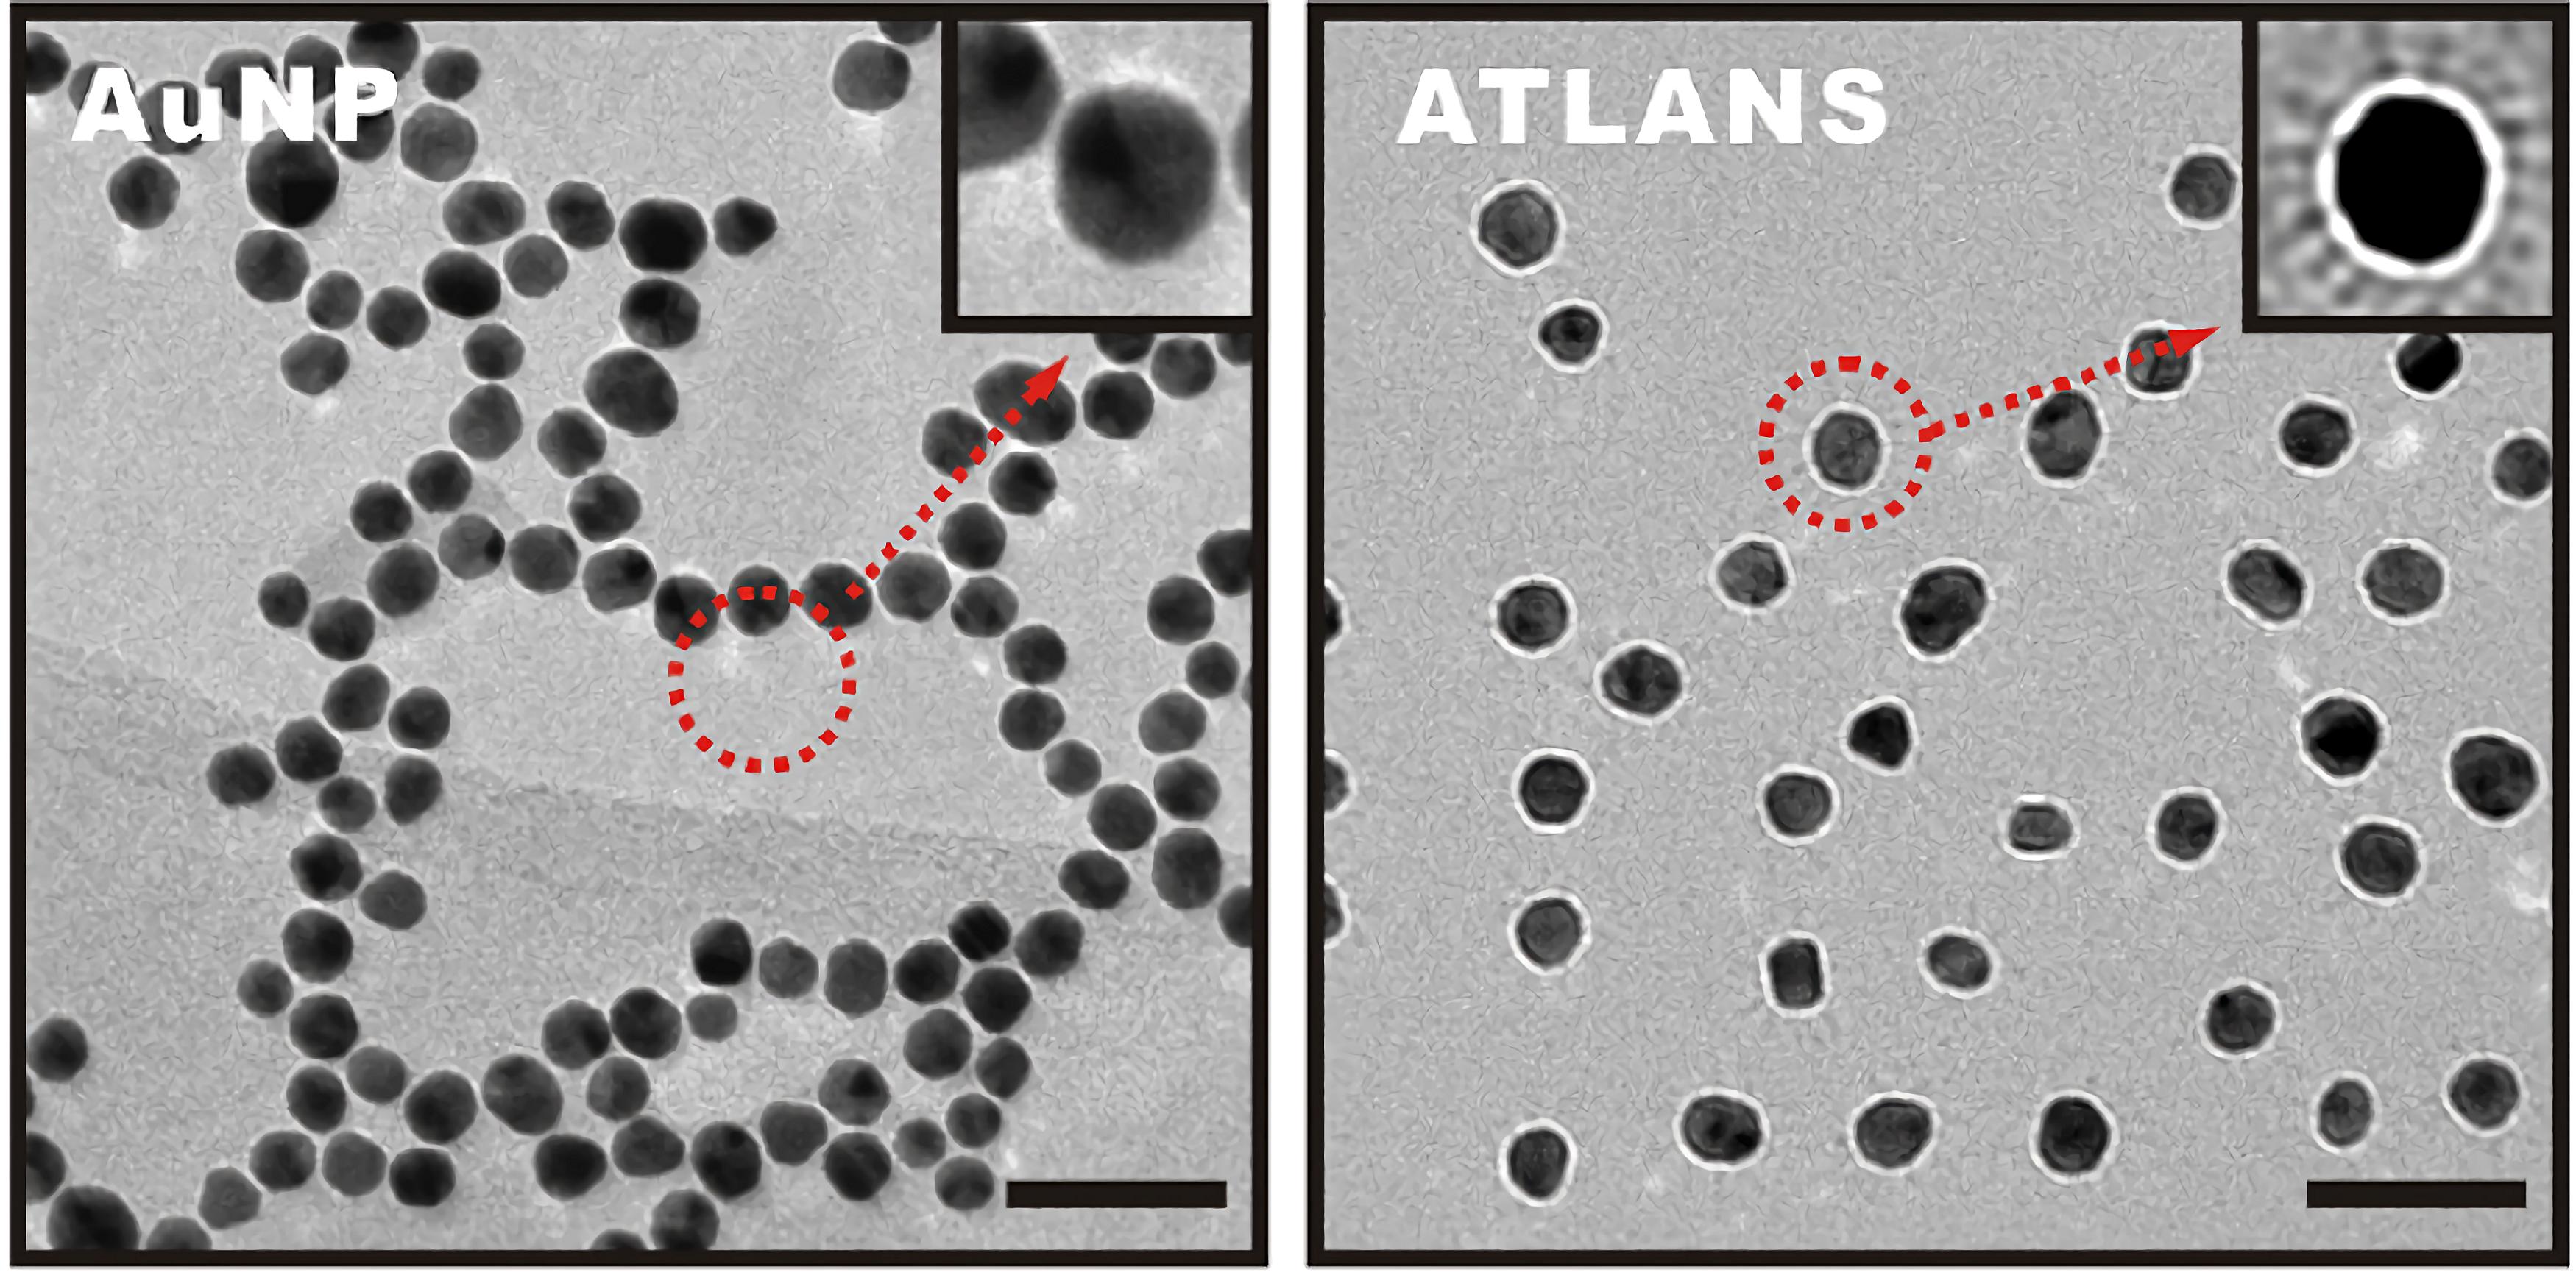 ATLANS實際組裝完成後的TEM結構圖。左圖為金奈米核心,右圖為組裝完成的ATLANS,可以看到有許多的辨識序列連結在金奈米表面